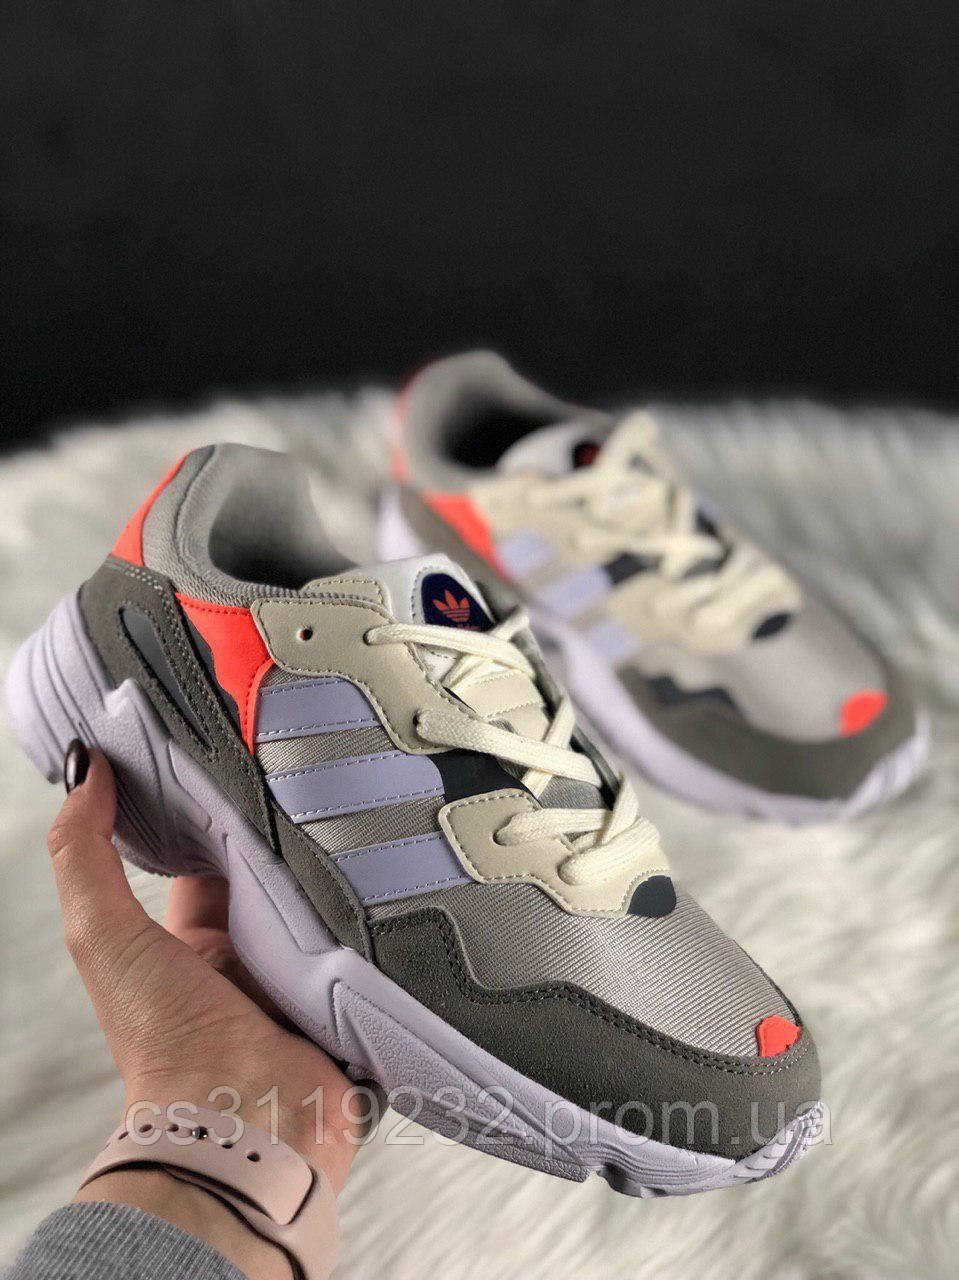 Жіночі кросівки Adidas Yung 96 White Grey Orange (білий/сірий/помаранчевий)